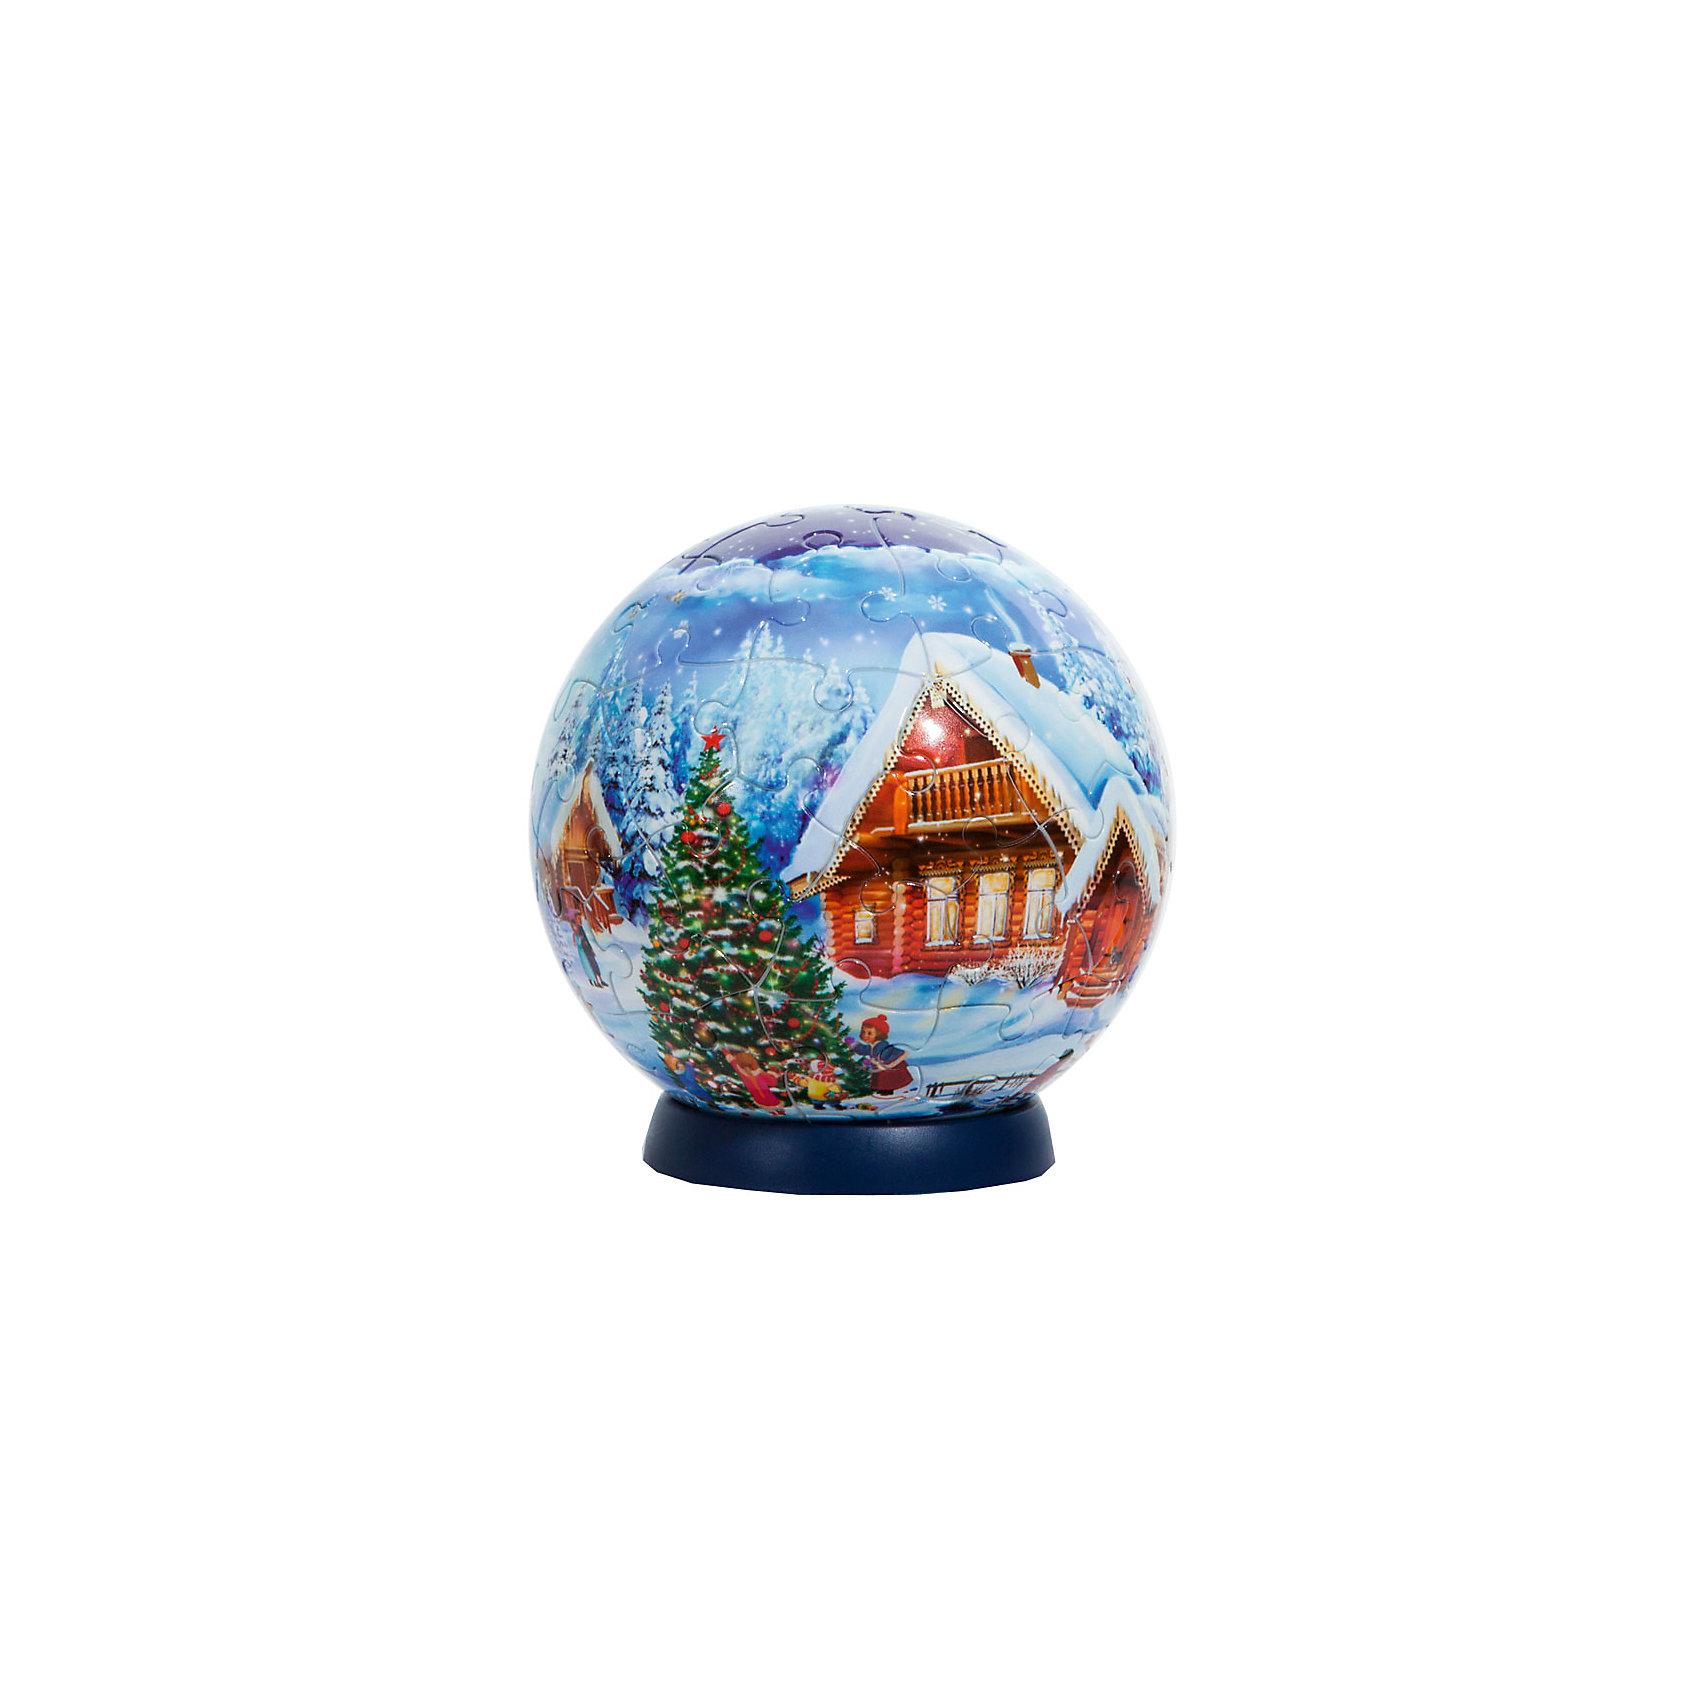 Новогодний пазл-шар на ёлку, Step Puzzle, 7 см